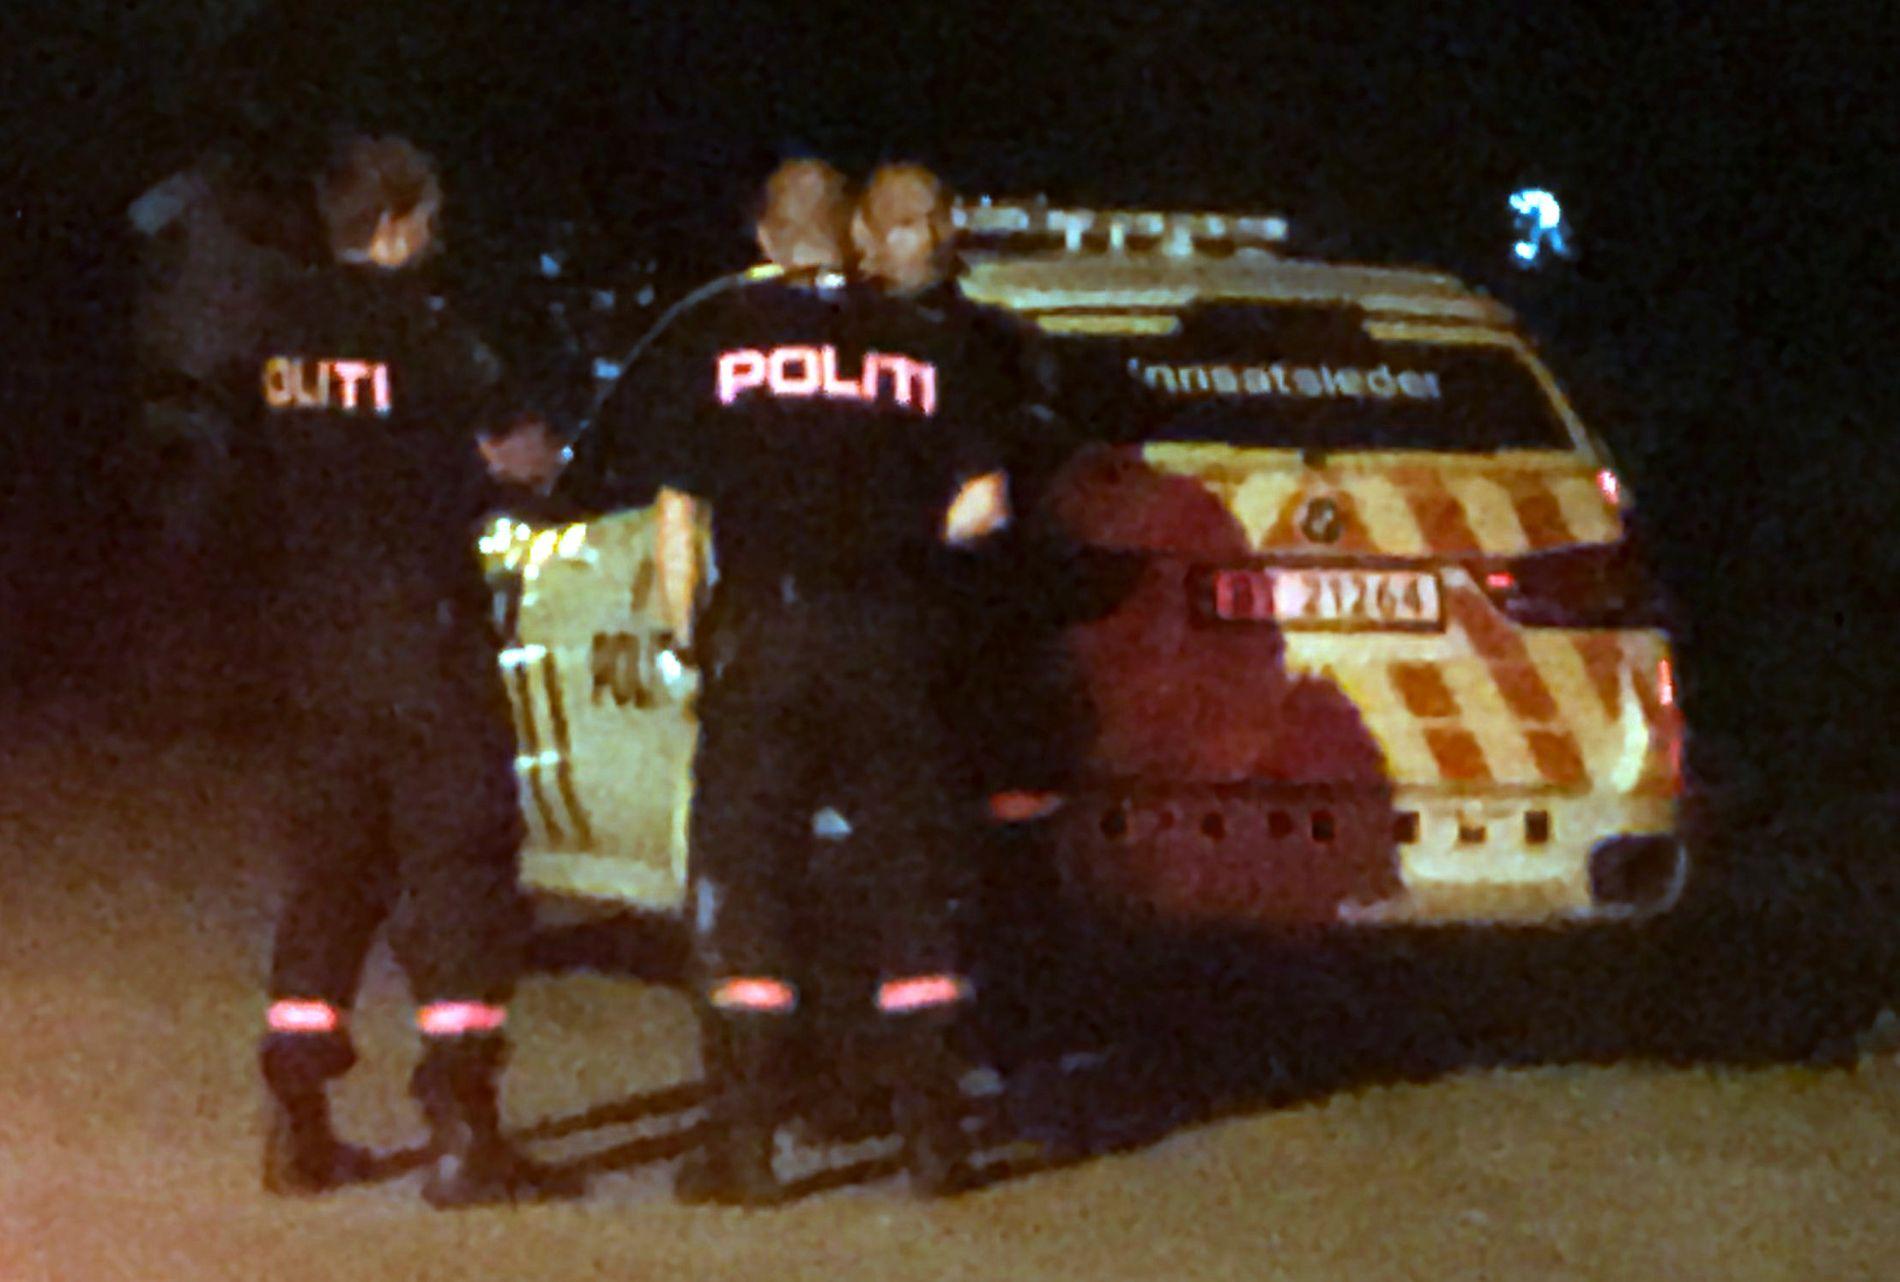 VARSLET NABO: En av kvinnene som ble knivstukket klarte å komme seg over til en nabo for å få hjelp. Her jobber politiet på adressen.